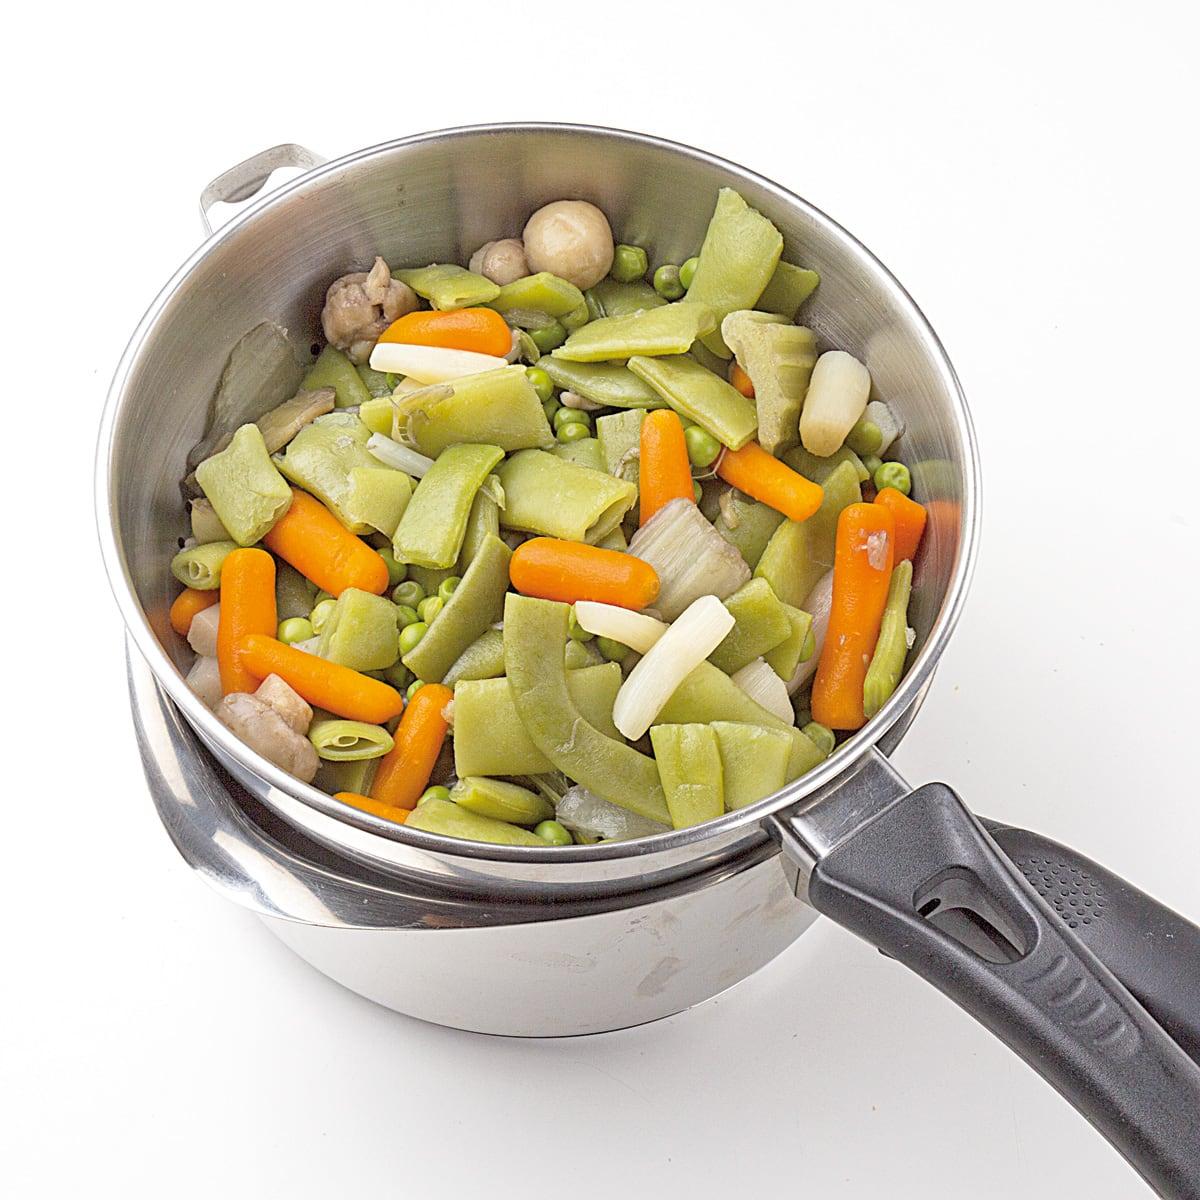 Menestra de verduras congeladas revista semana - Como preparar menestra de verduras ...